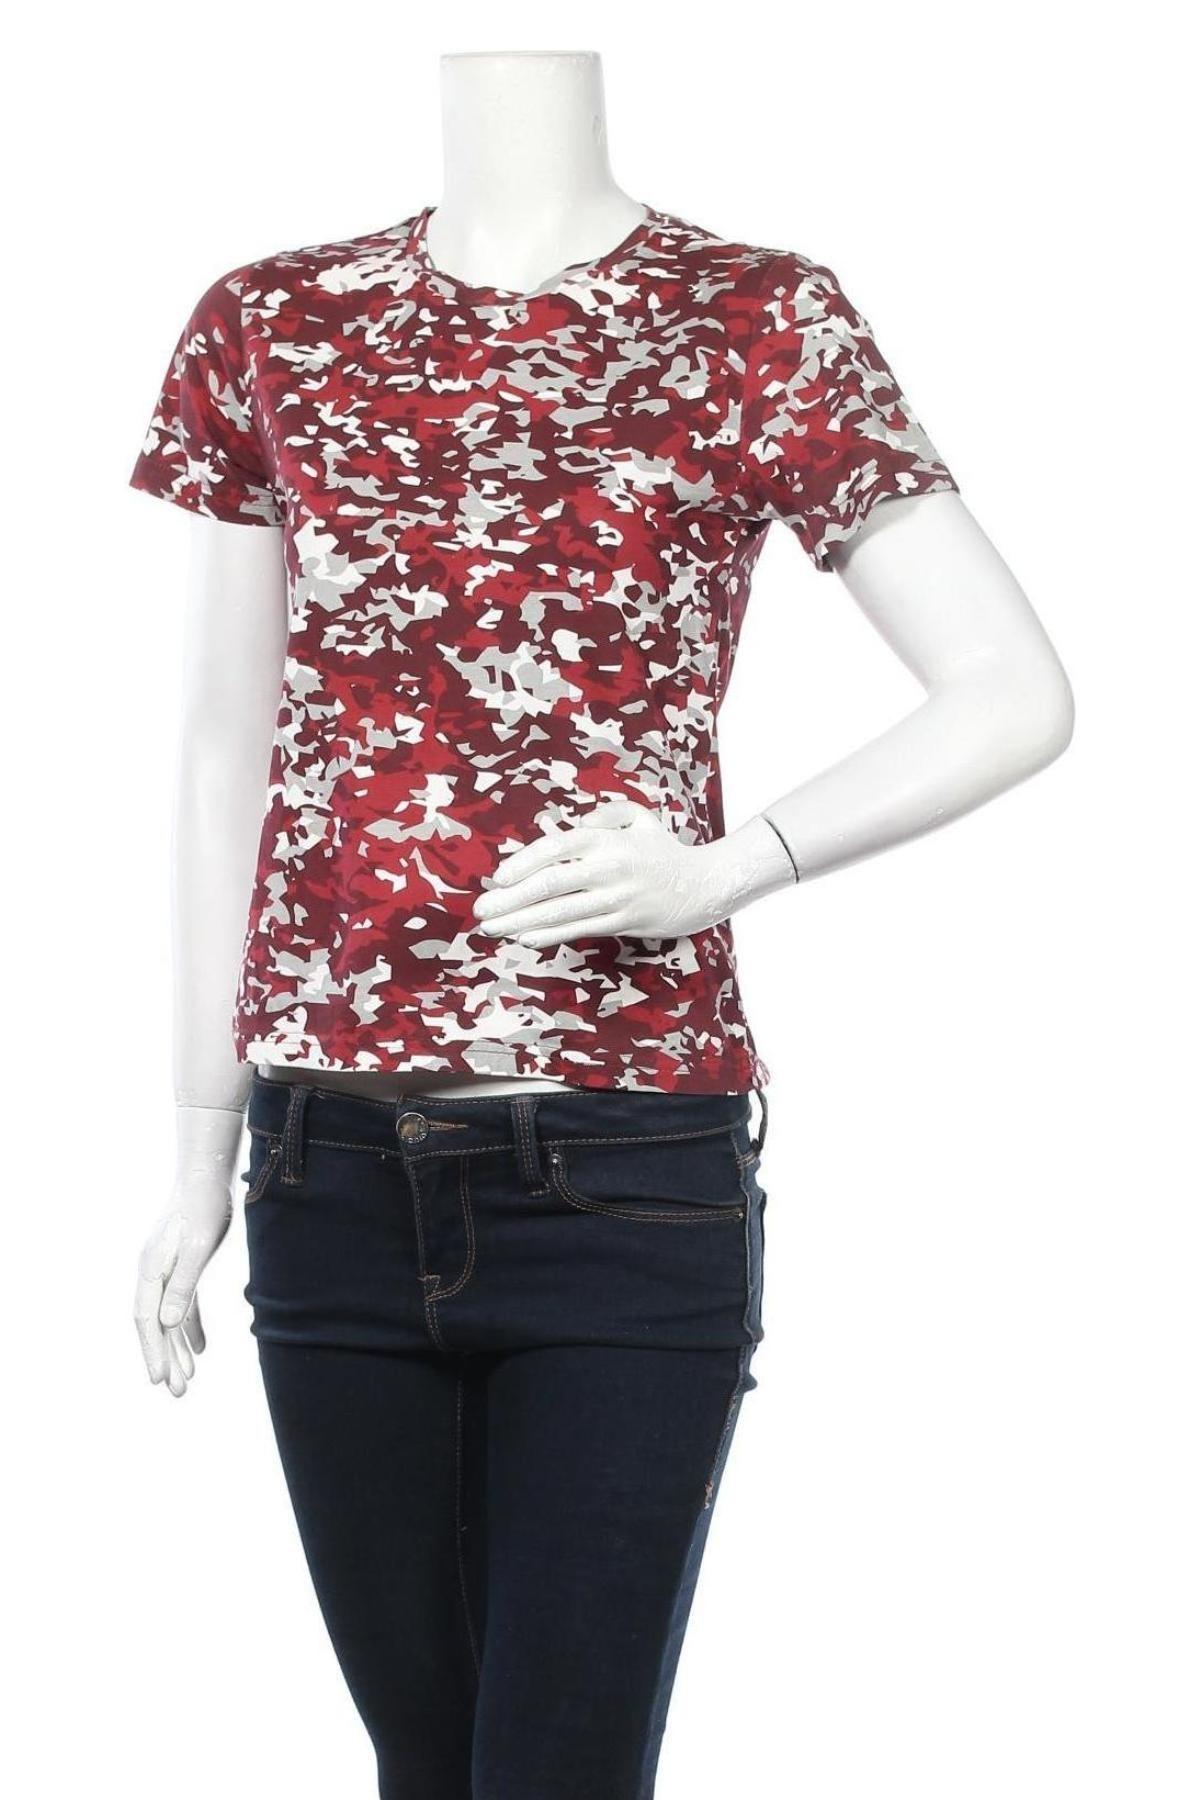 Γυναικείο t-shirt Dr. Denim, Μέγεθος S, Χρώμα Κόκκινο, 100% βαμβάκι, Τιμή 10,05€